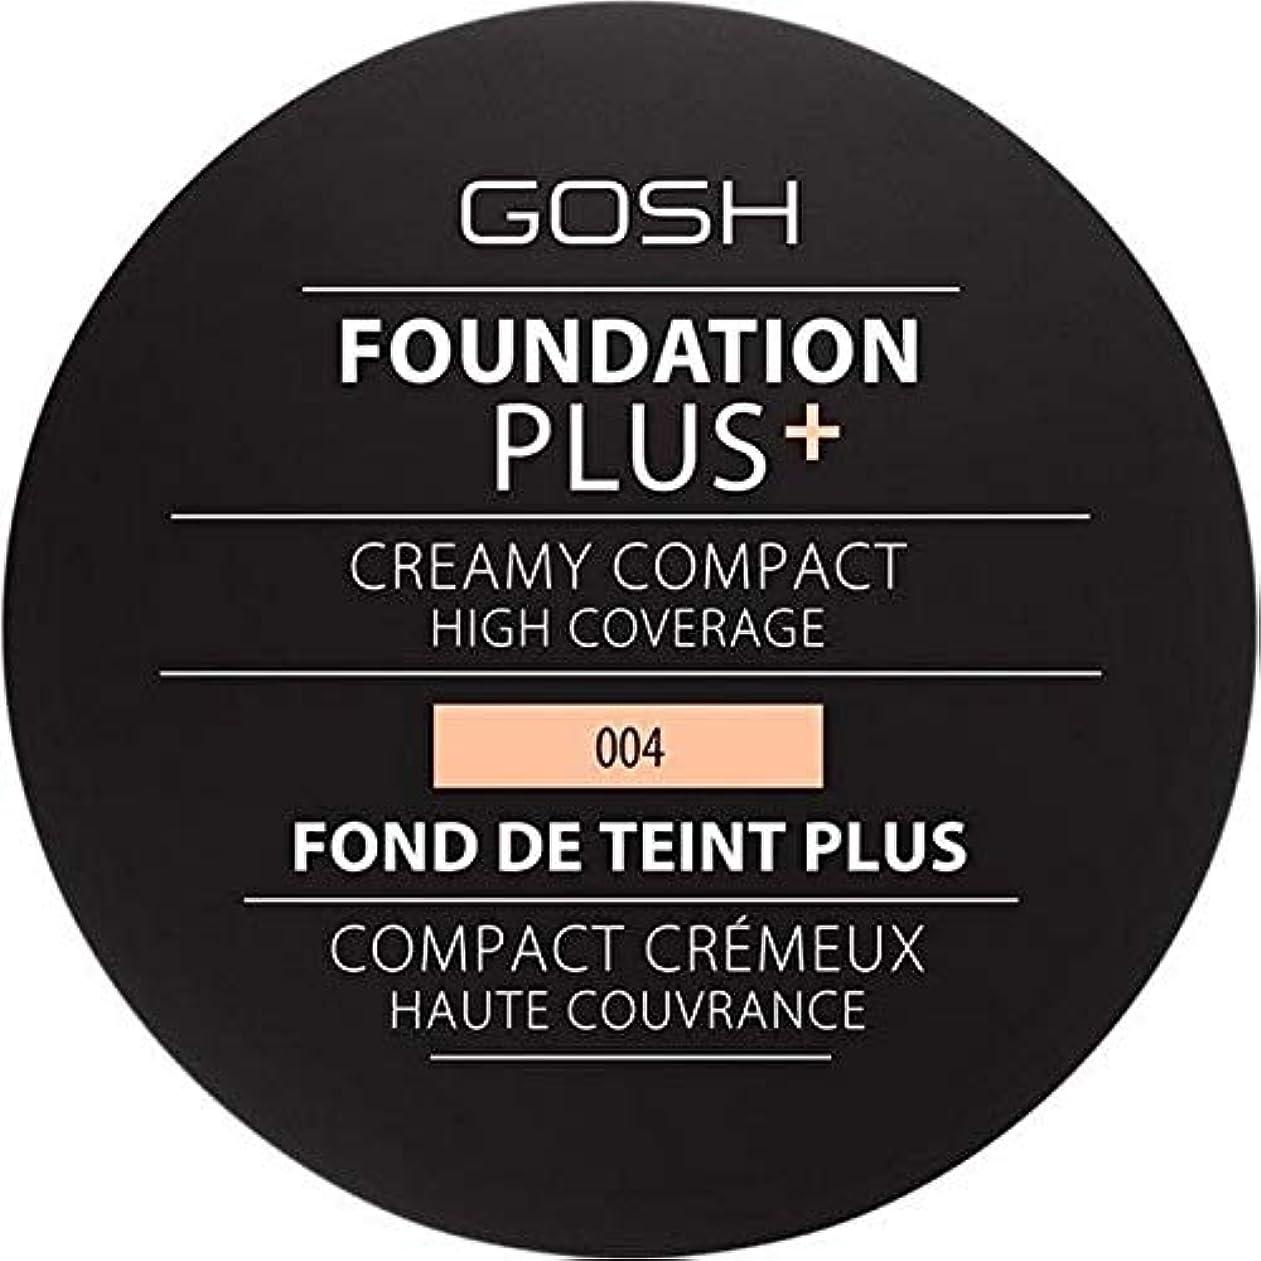 アドバンテージ時代遅れ冷淡な[GOSH ] 基礎プラス+クリーミーコンパクトな自然004 - Foundation Plus+ Creamy Compact Natural 004 [並行輸入品]